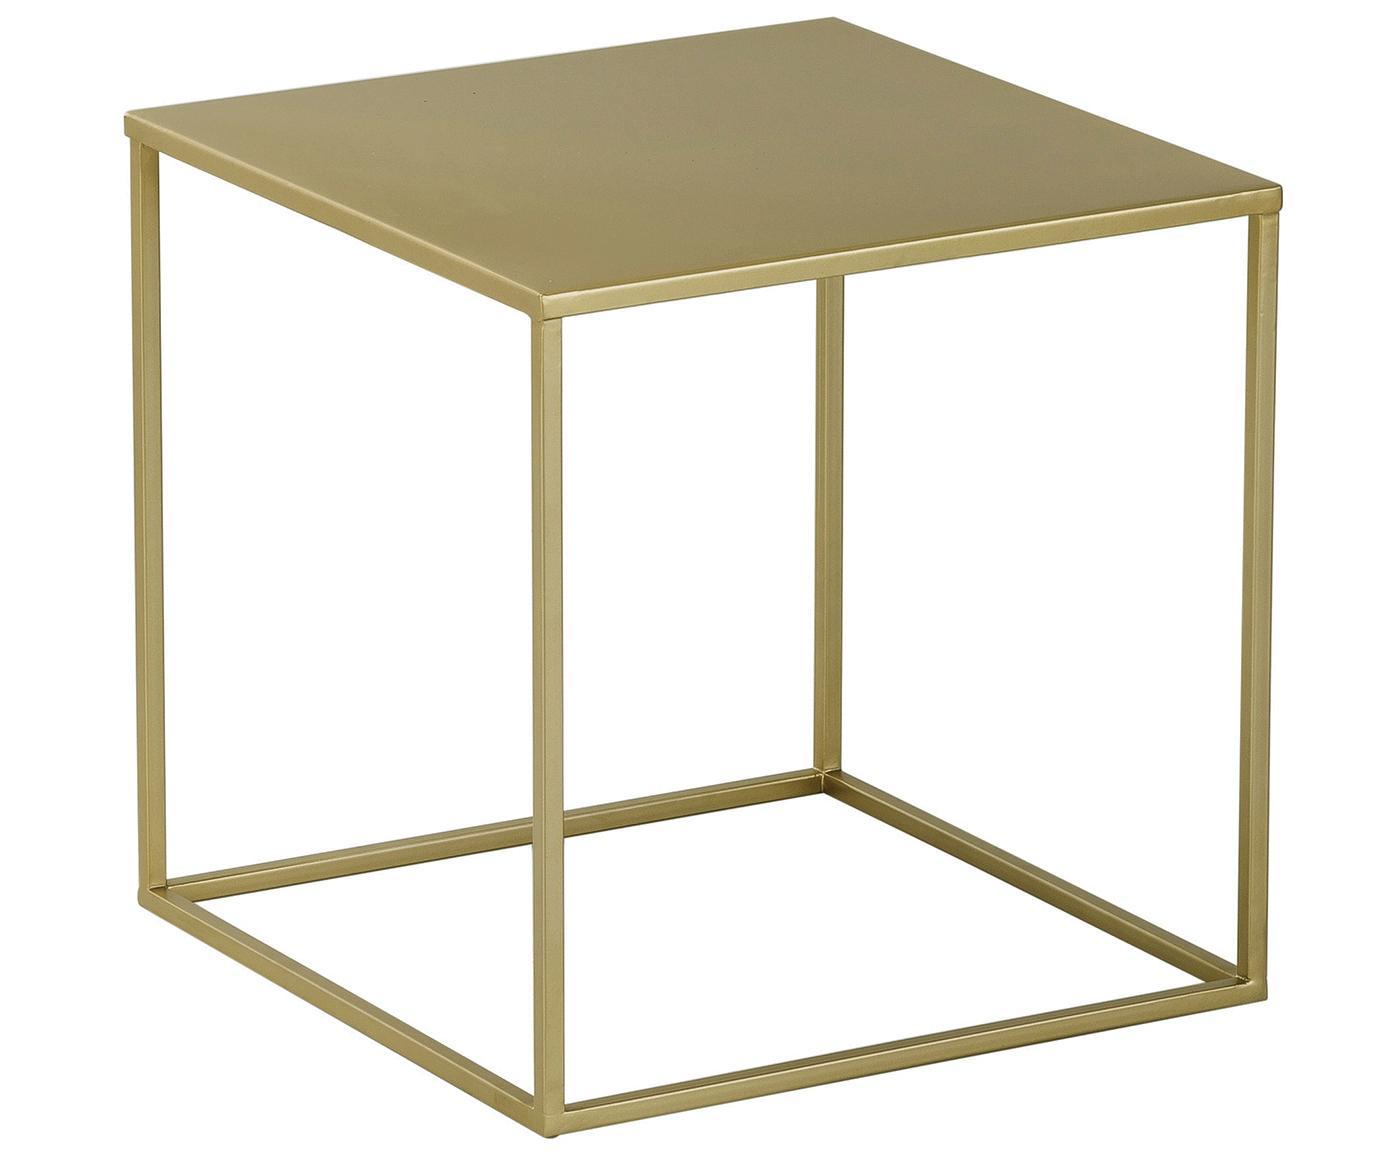 Stolik pomocniczy z metalu Stina, Metal malowany proszkowo, Odcienie złotego, matowy, S 45 x W 45 cm